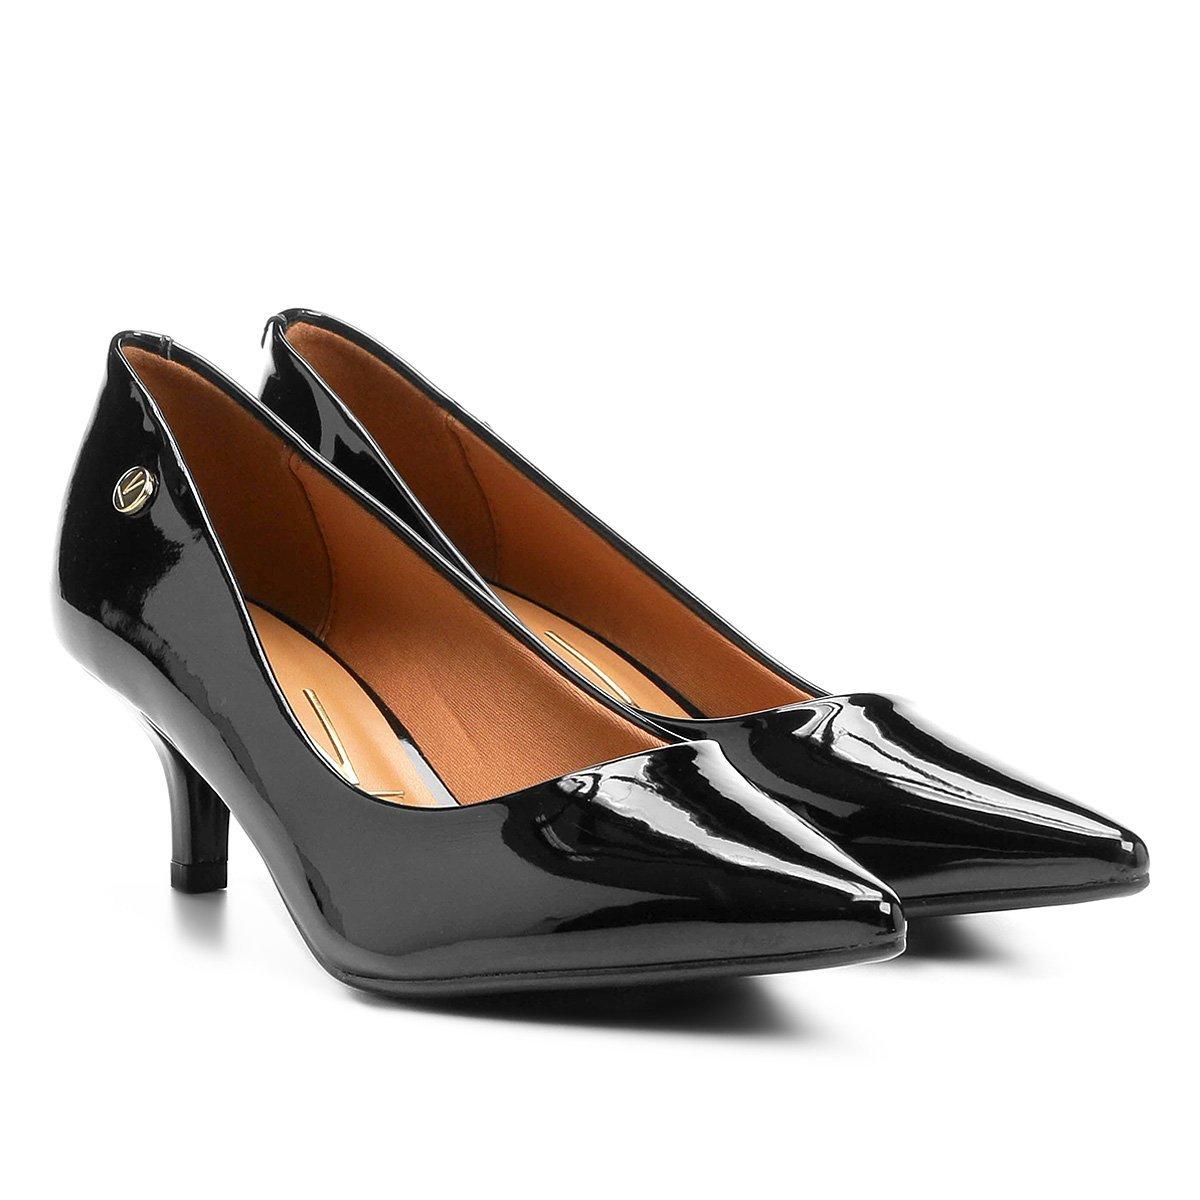 e9bc69c7ab Sapato Scarpin Salto Baixo Bico Fino Verniz Vizzano Preto - MM Concept